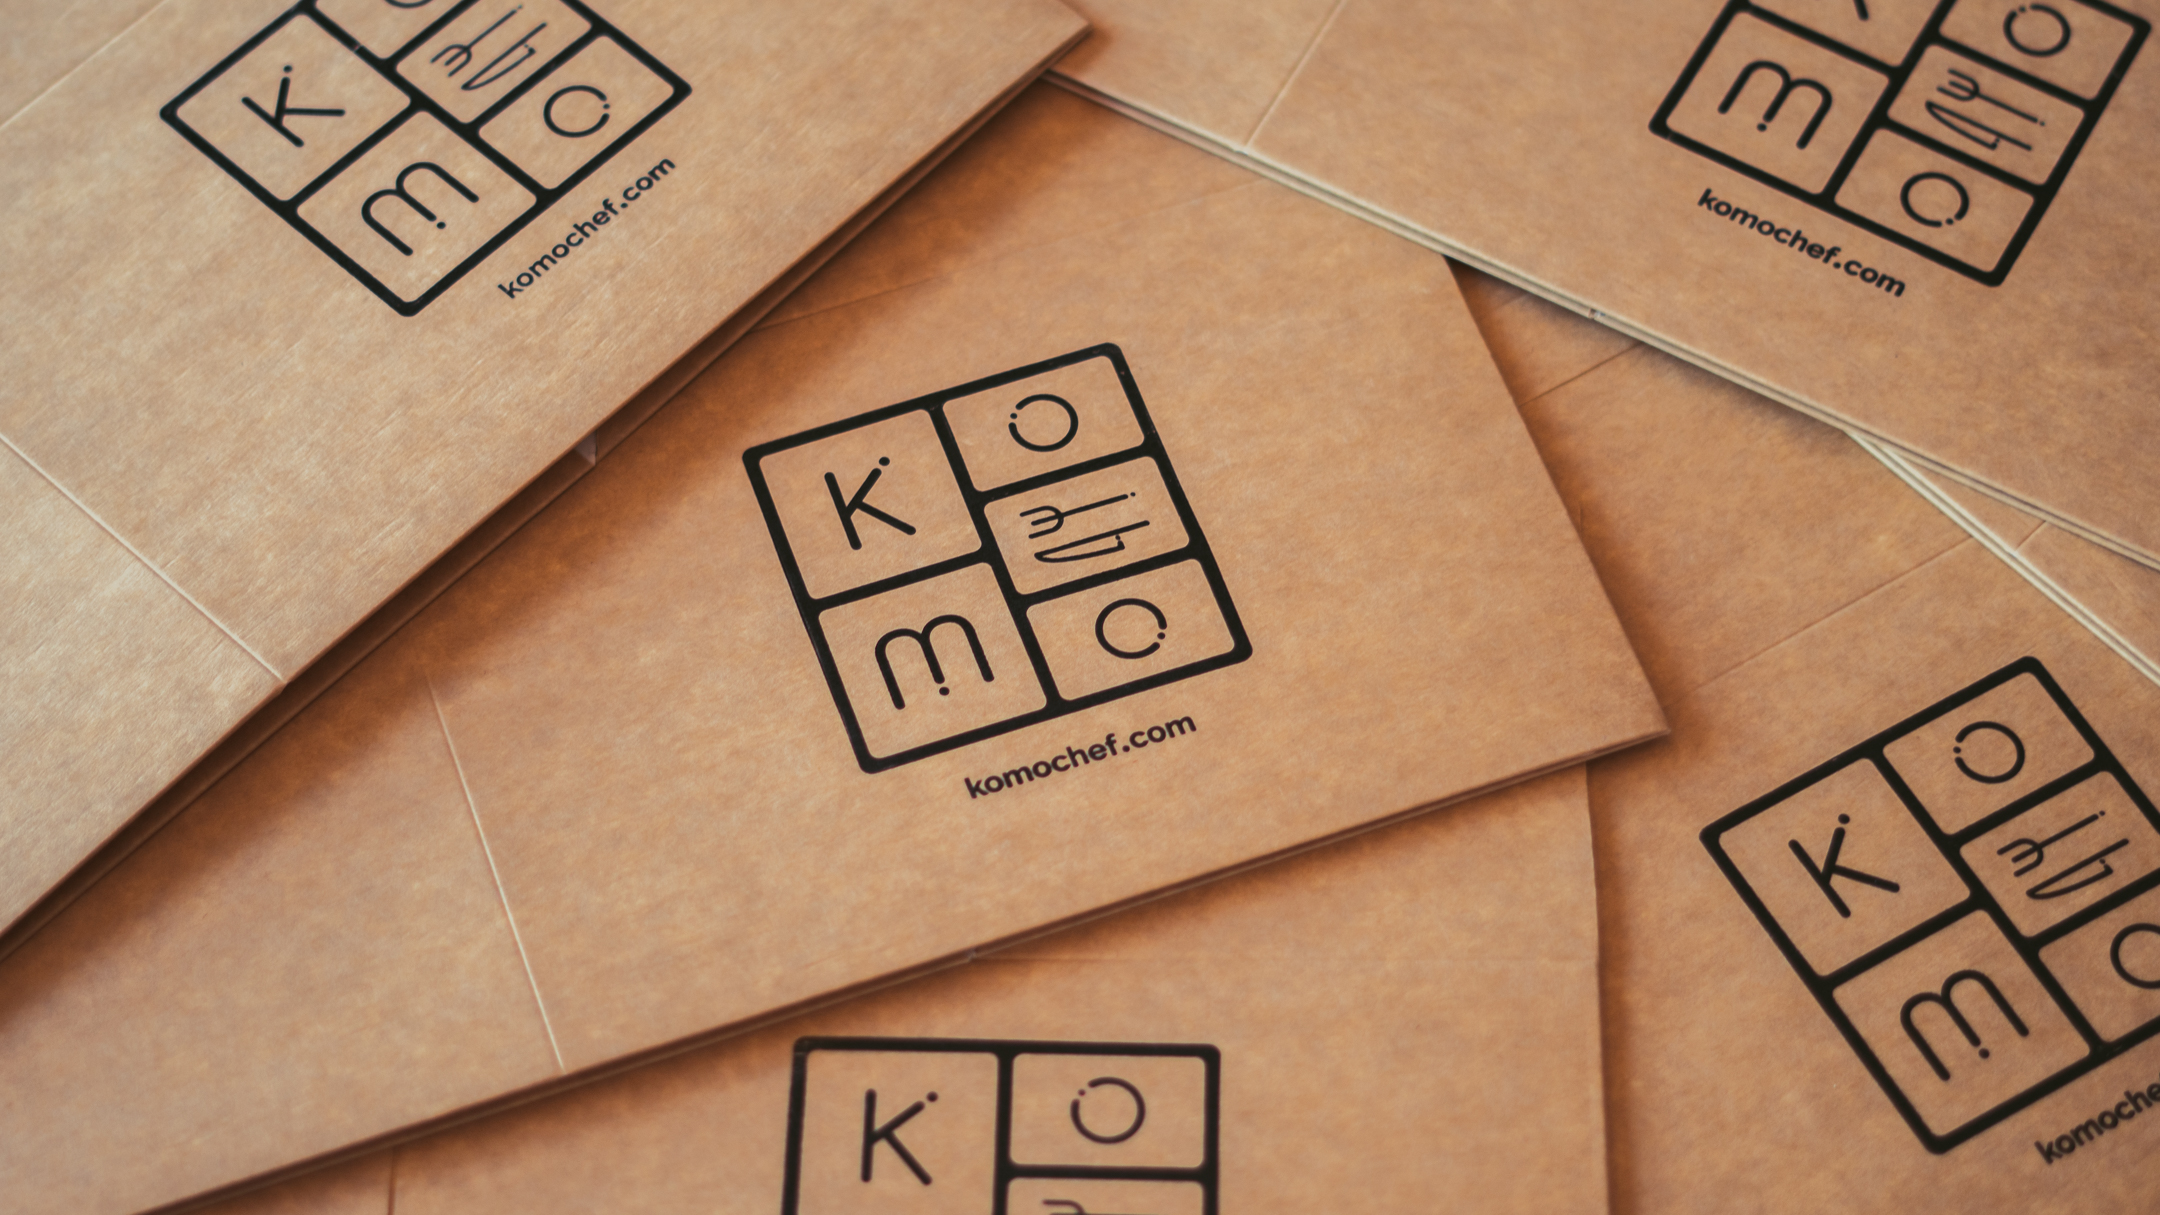 KomoChef - Tu chef en casa - Nuestra historia